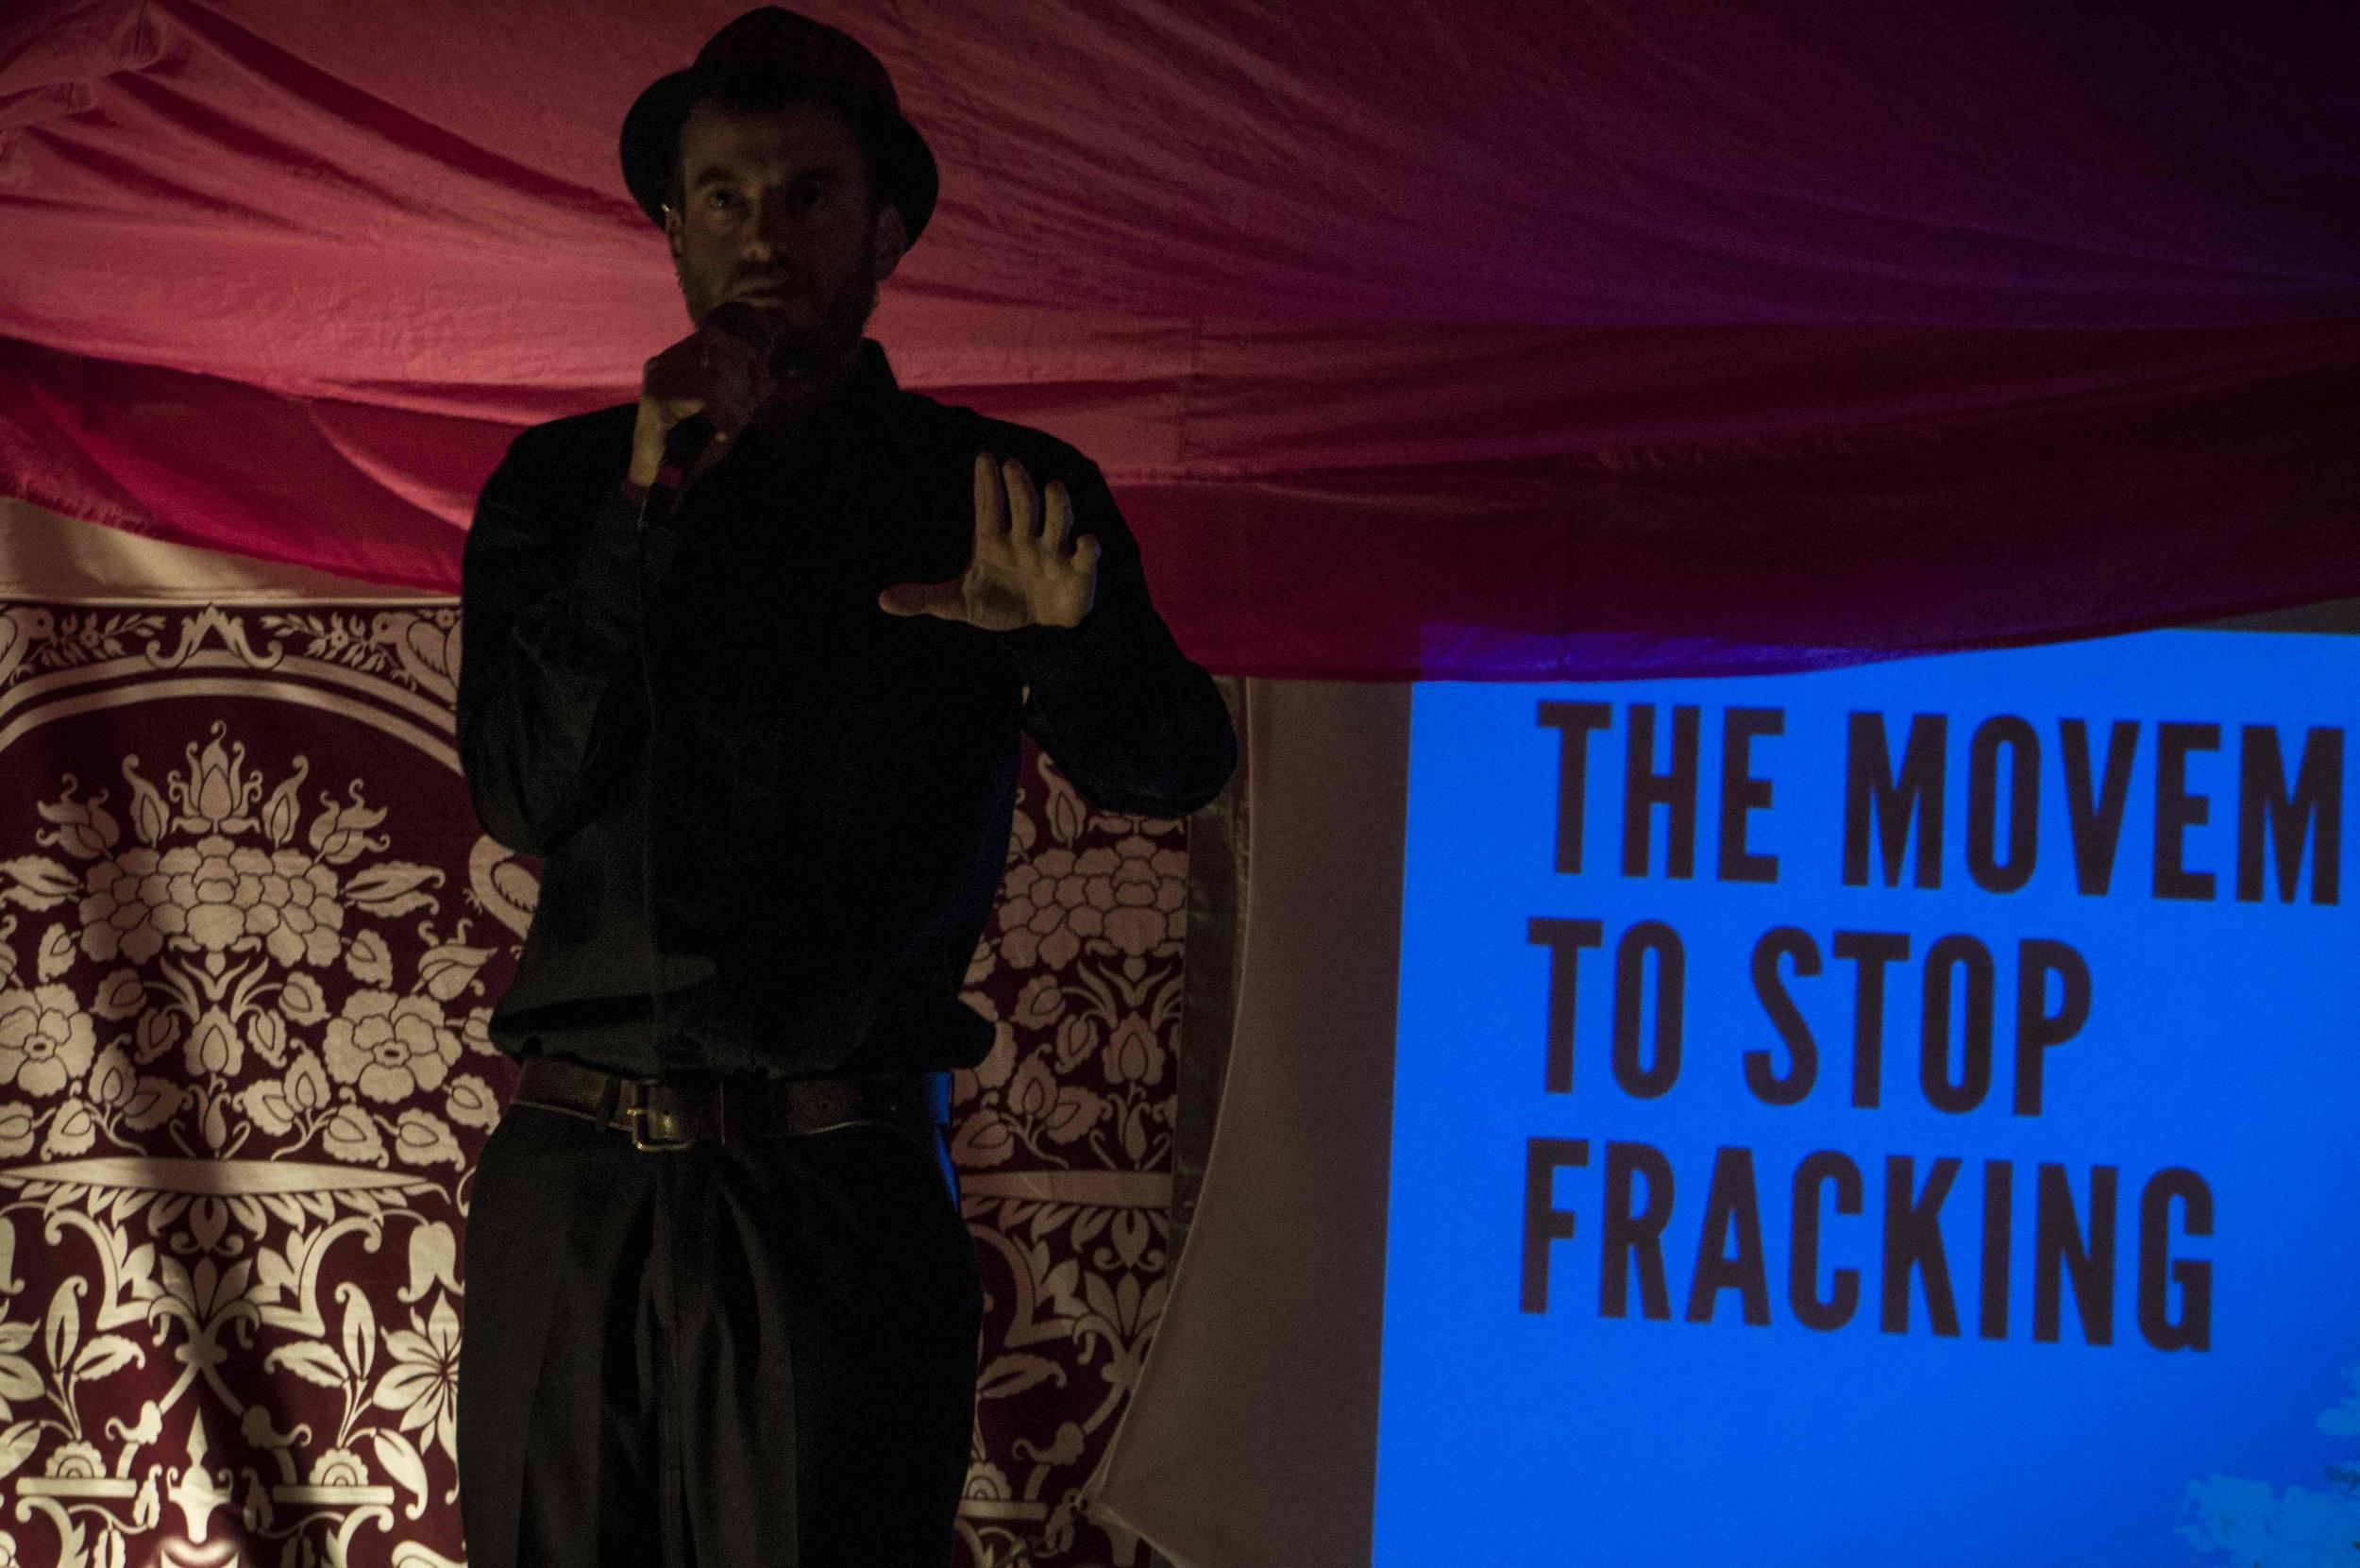 PTT - fracking photo.jpg